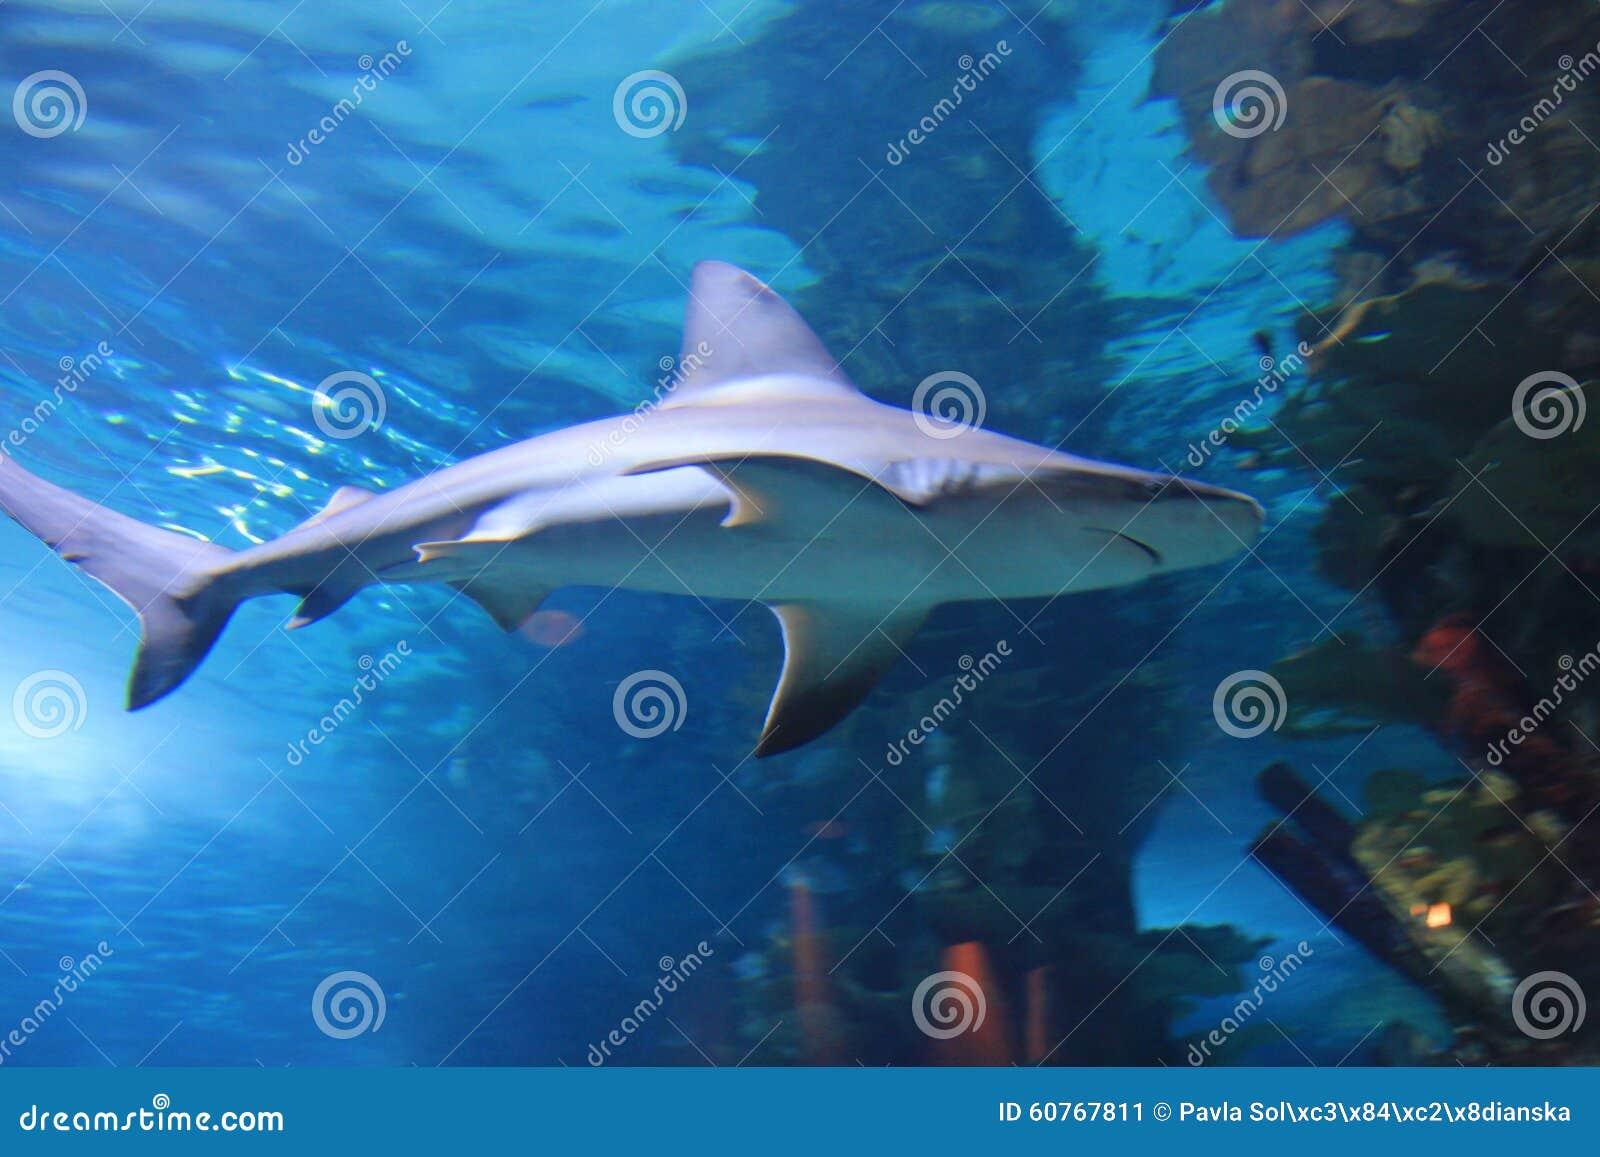 Shark stock image image of corals marine tropicarium for Blue fish aquarium